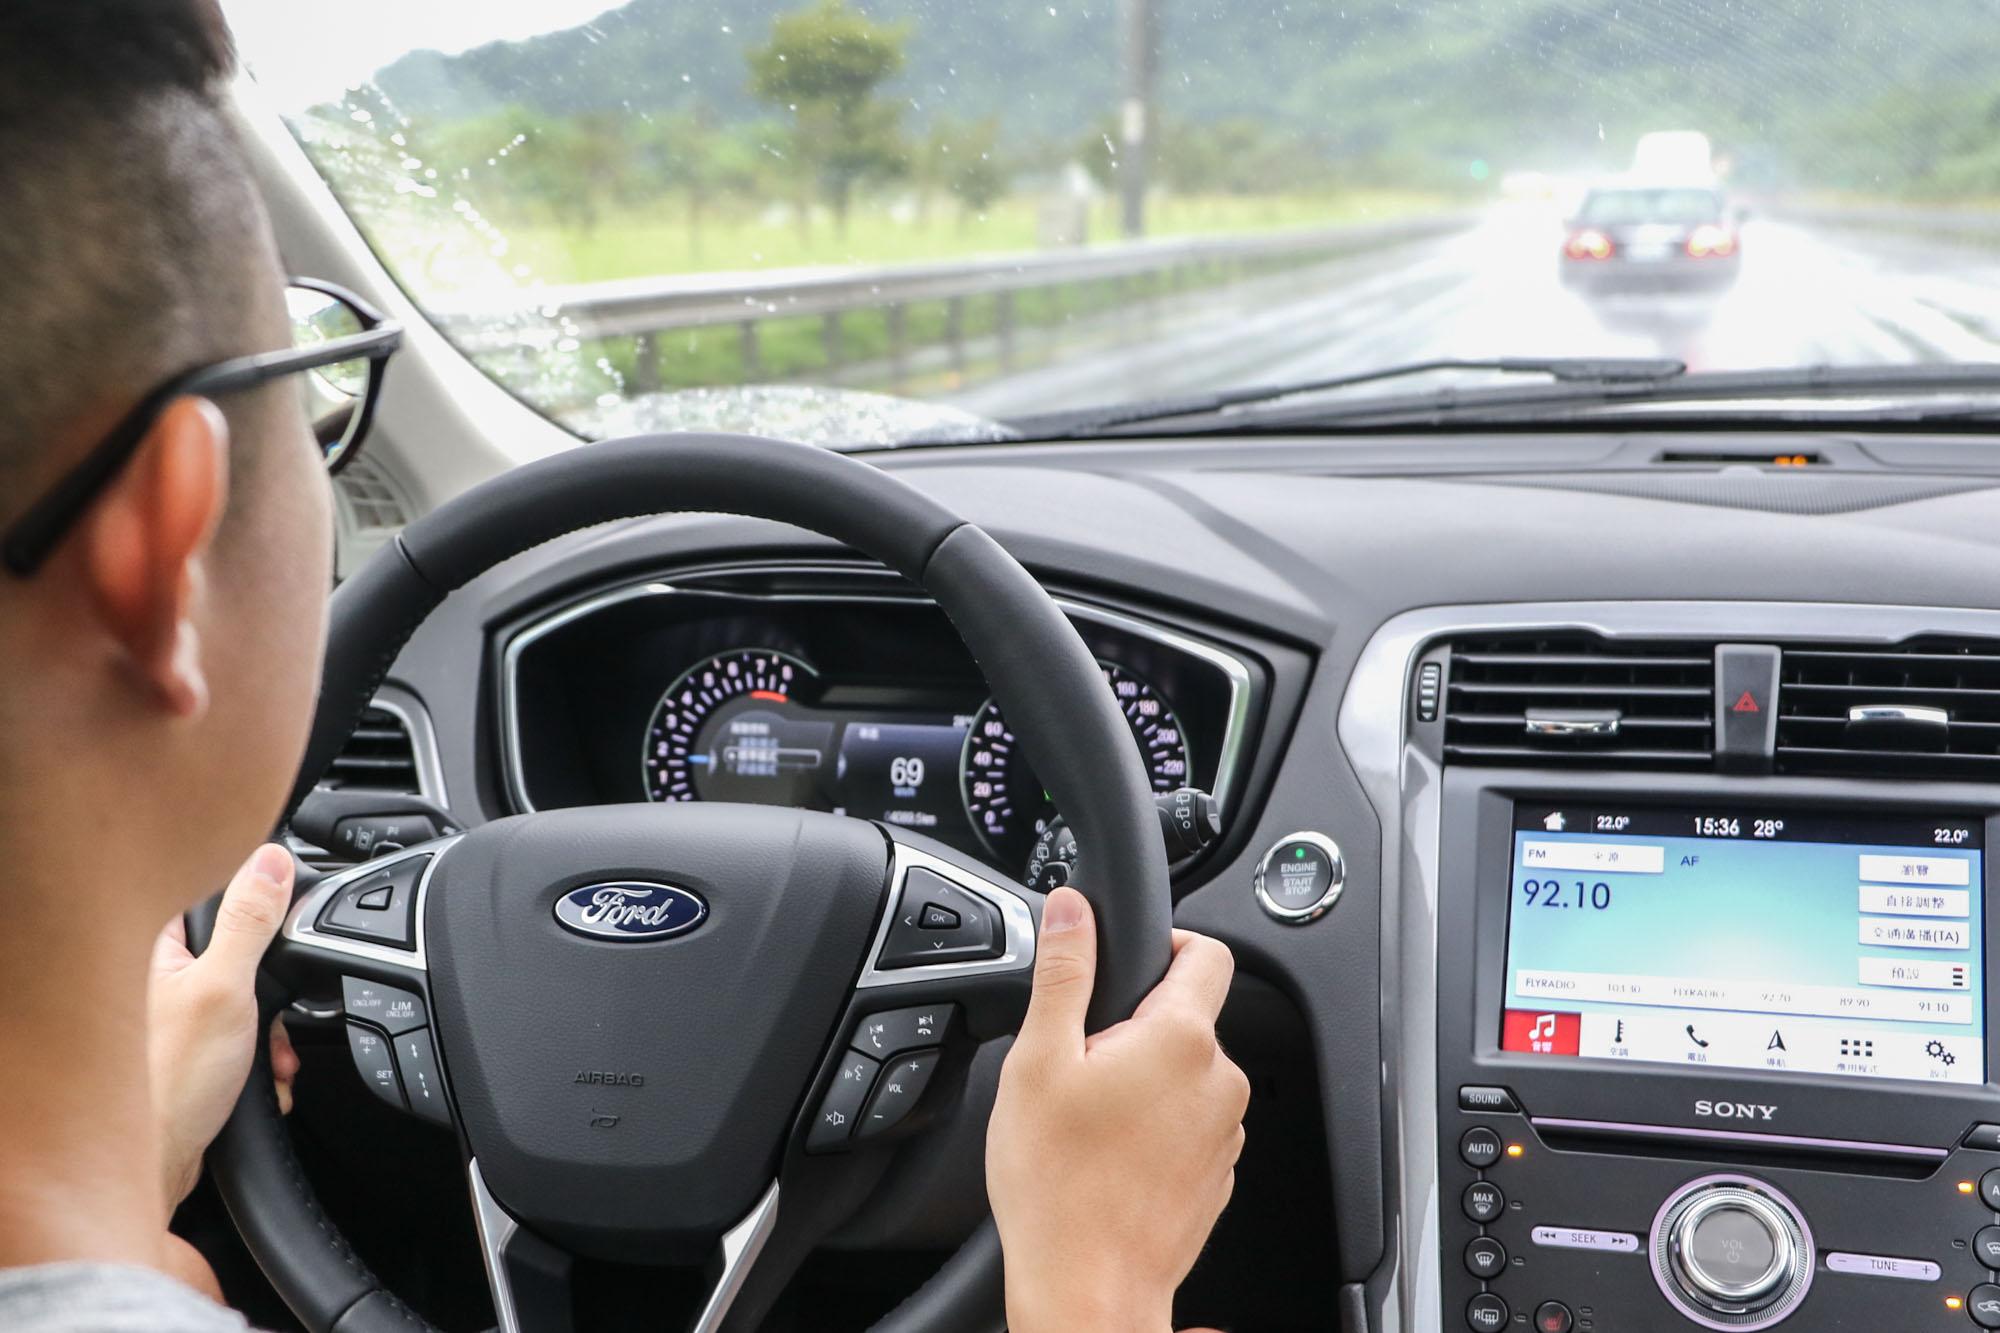 全新 Mondeo Wagon 主打 Co-Pilot360™ Technology 安全輔助科技,包含 ACC 主動式定速巡航系統、LDW 車道偏移警示系統、LKA 車道偏移輔助系統、PCA前向碰撞預警系統、BLIS®視覺盲點偵測系統等豐富安全功能。